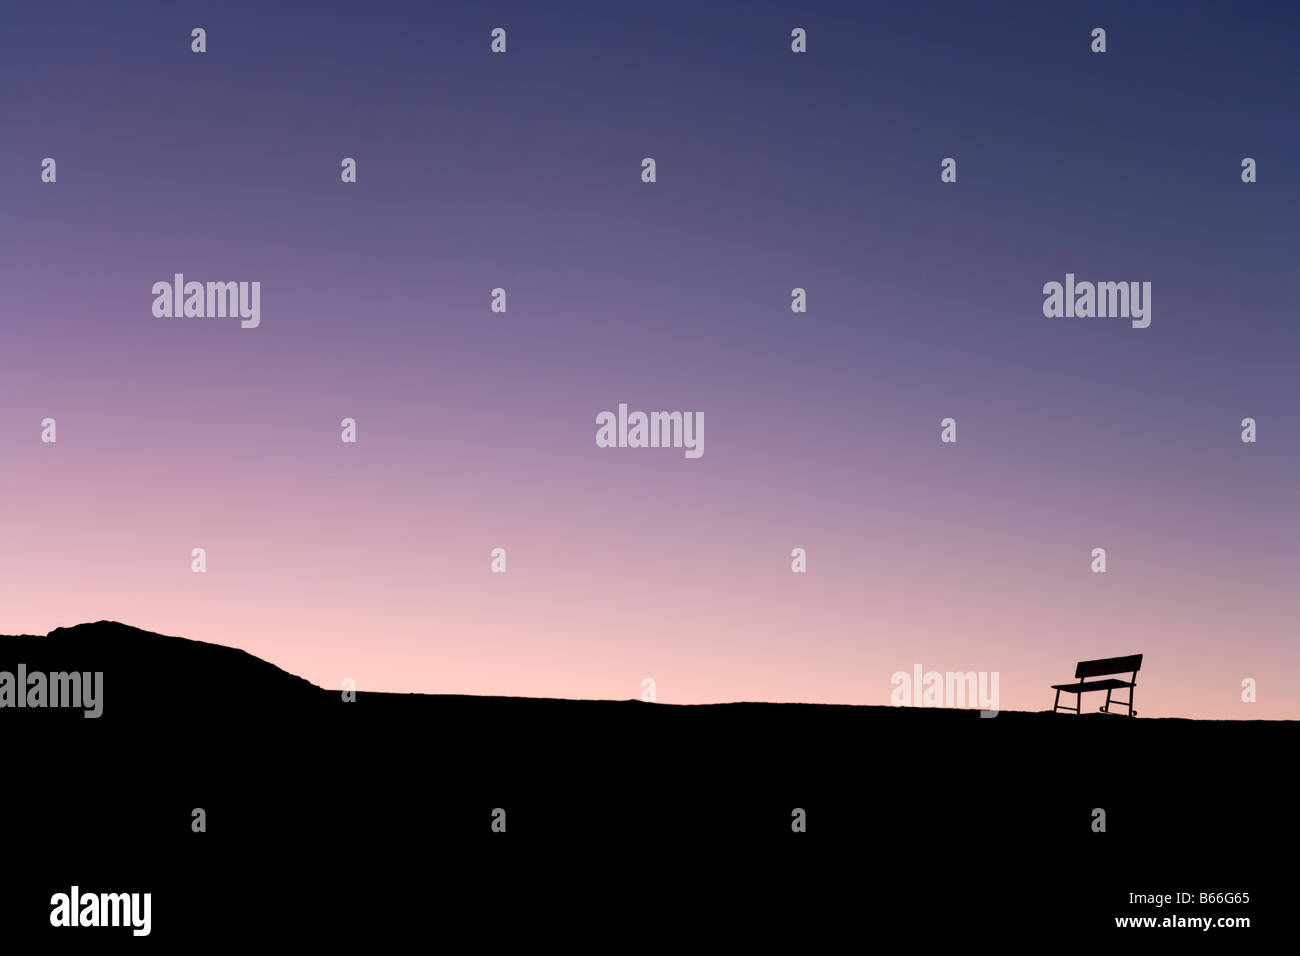 Silhouette de banc solitaire sur la skyline at sunset, Zabriskie Point, Death Valley National Park, California, Photo Stock